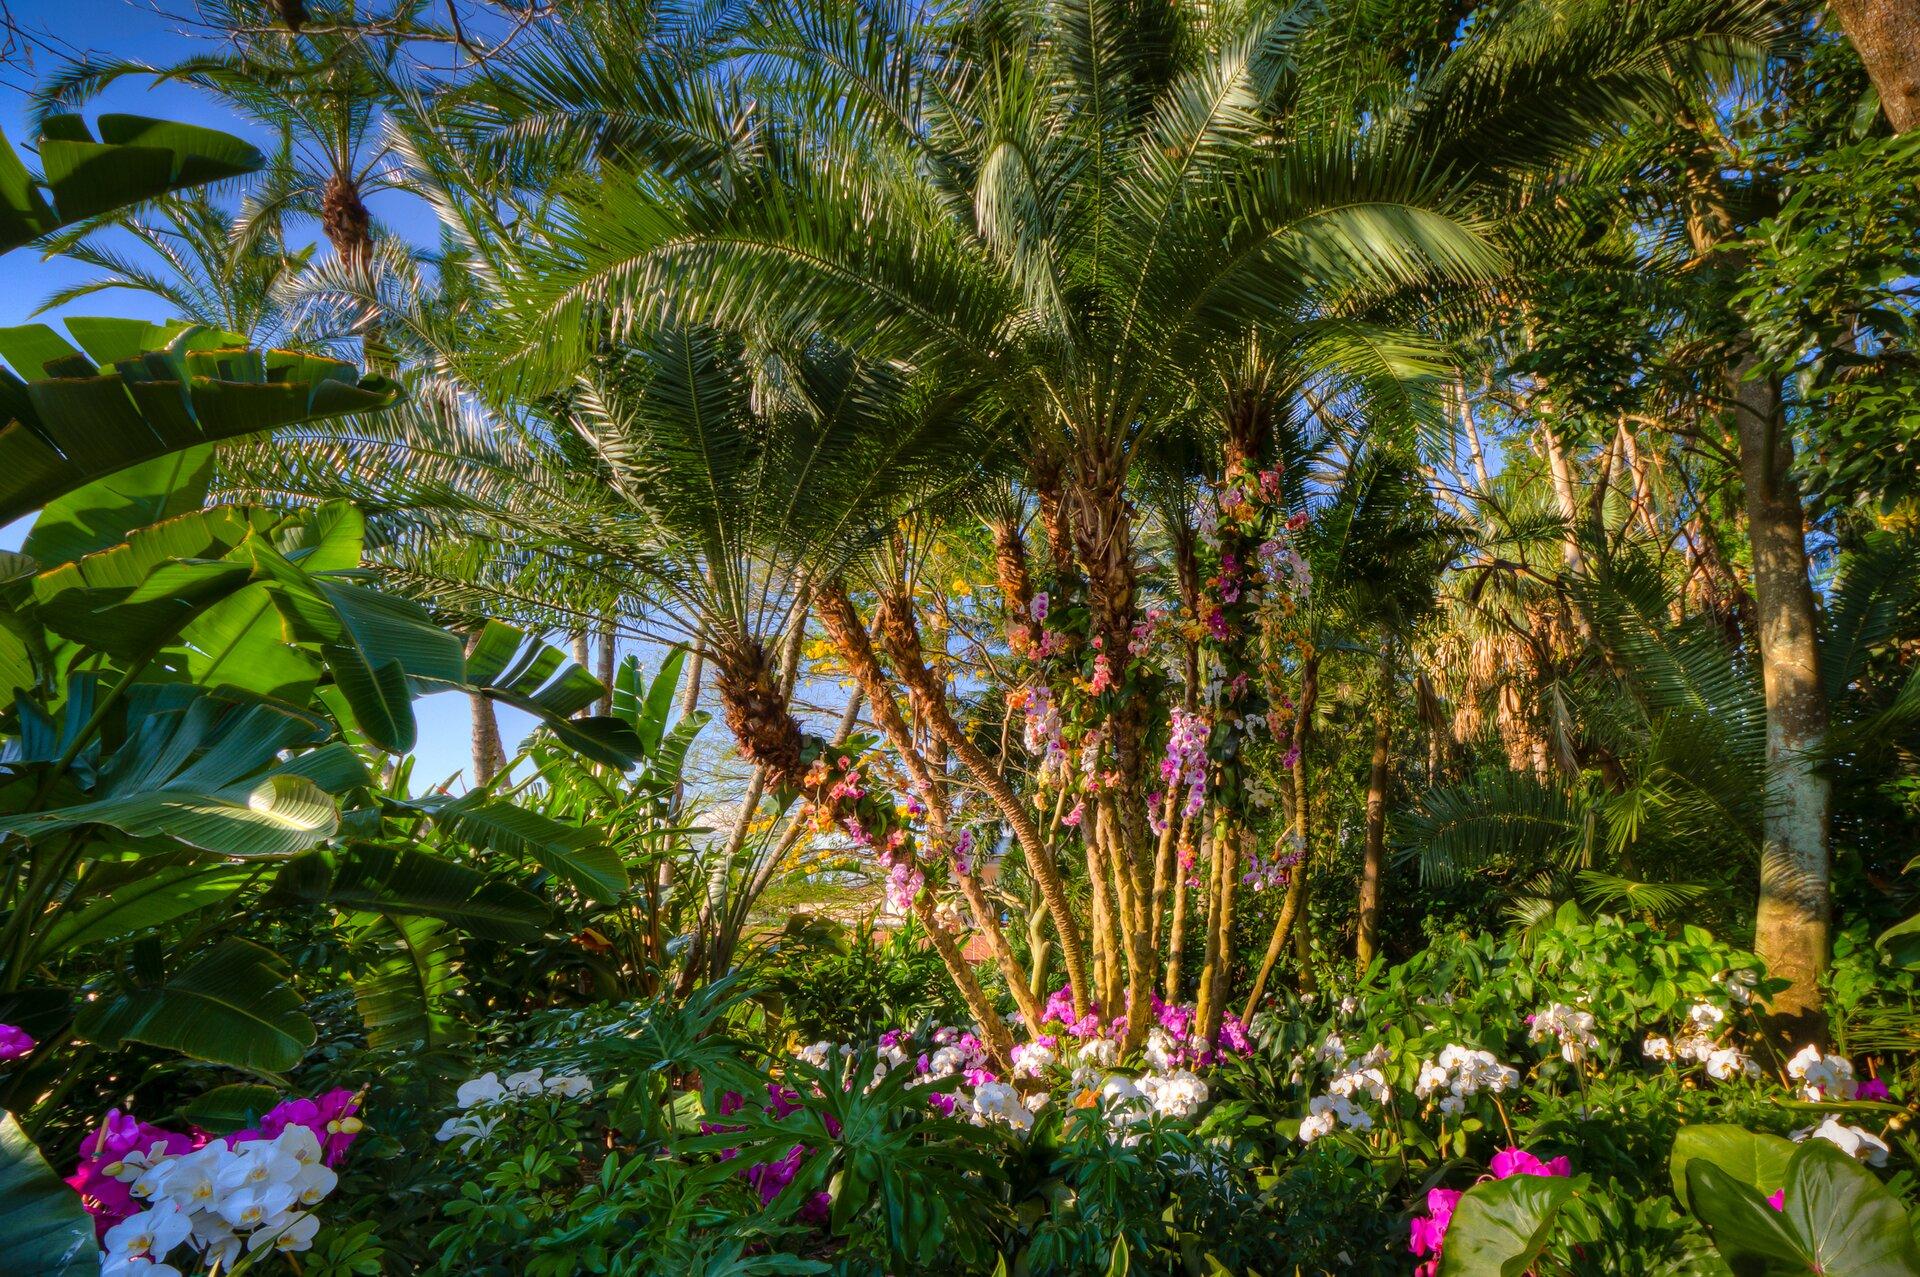 Fotografia czwarta prezentuje białe iróżowe kwiaty orchidei osadzone na pniu palmy. Podobne kwiaty rosną na polanie przed palmą.